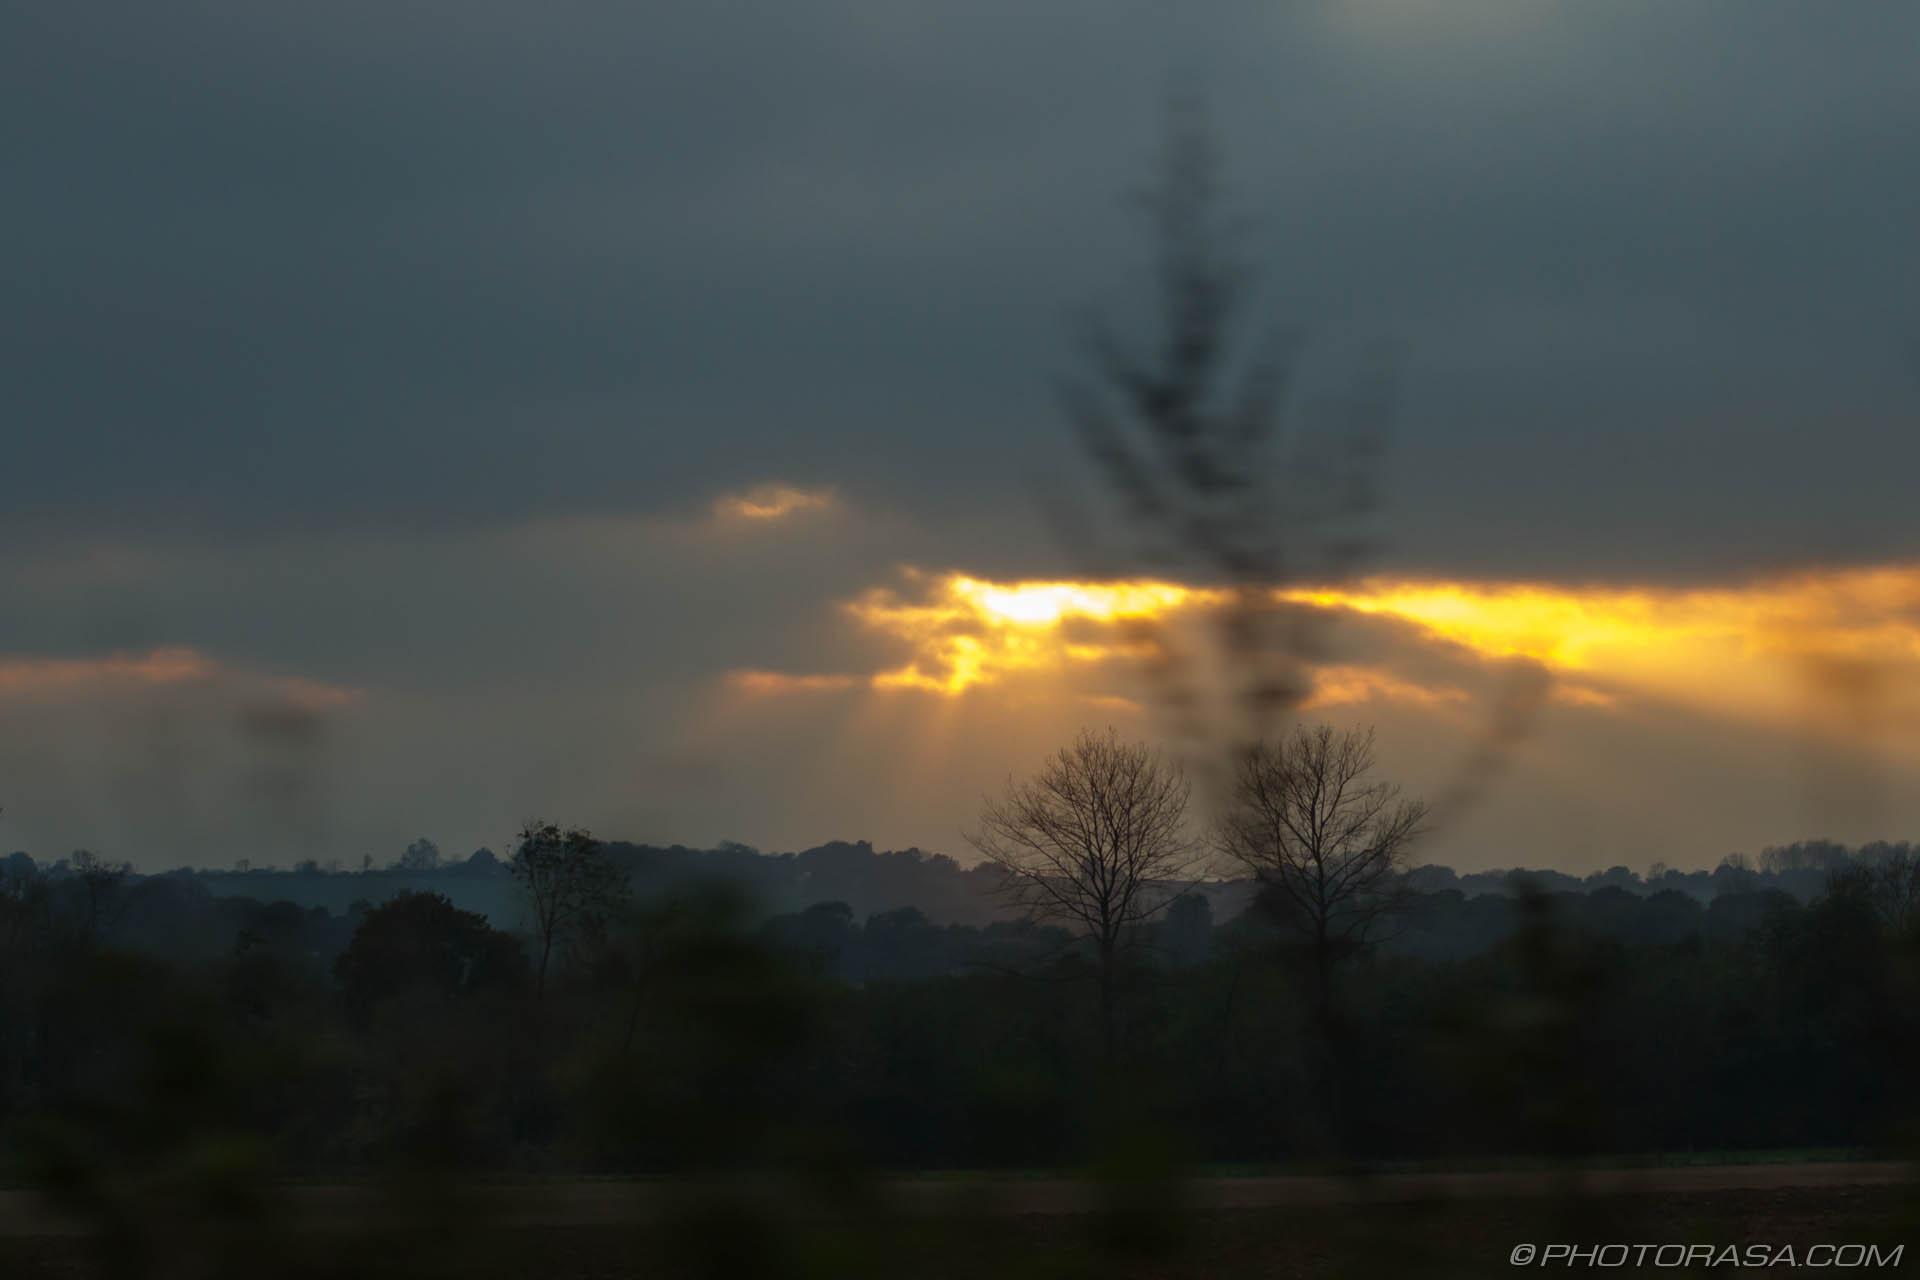 https://photorasa.com/sun-shining-through-the-clouds/sun-peeking-through-clouds/